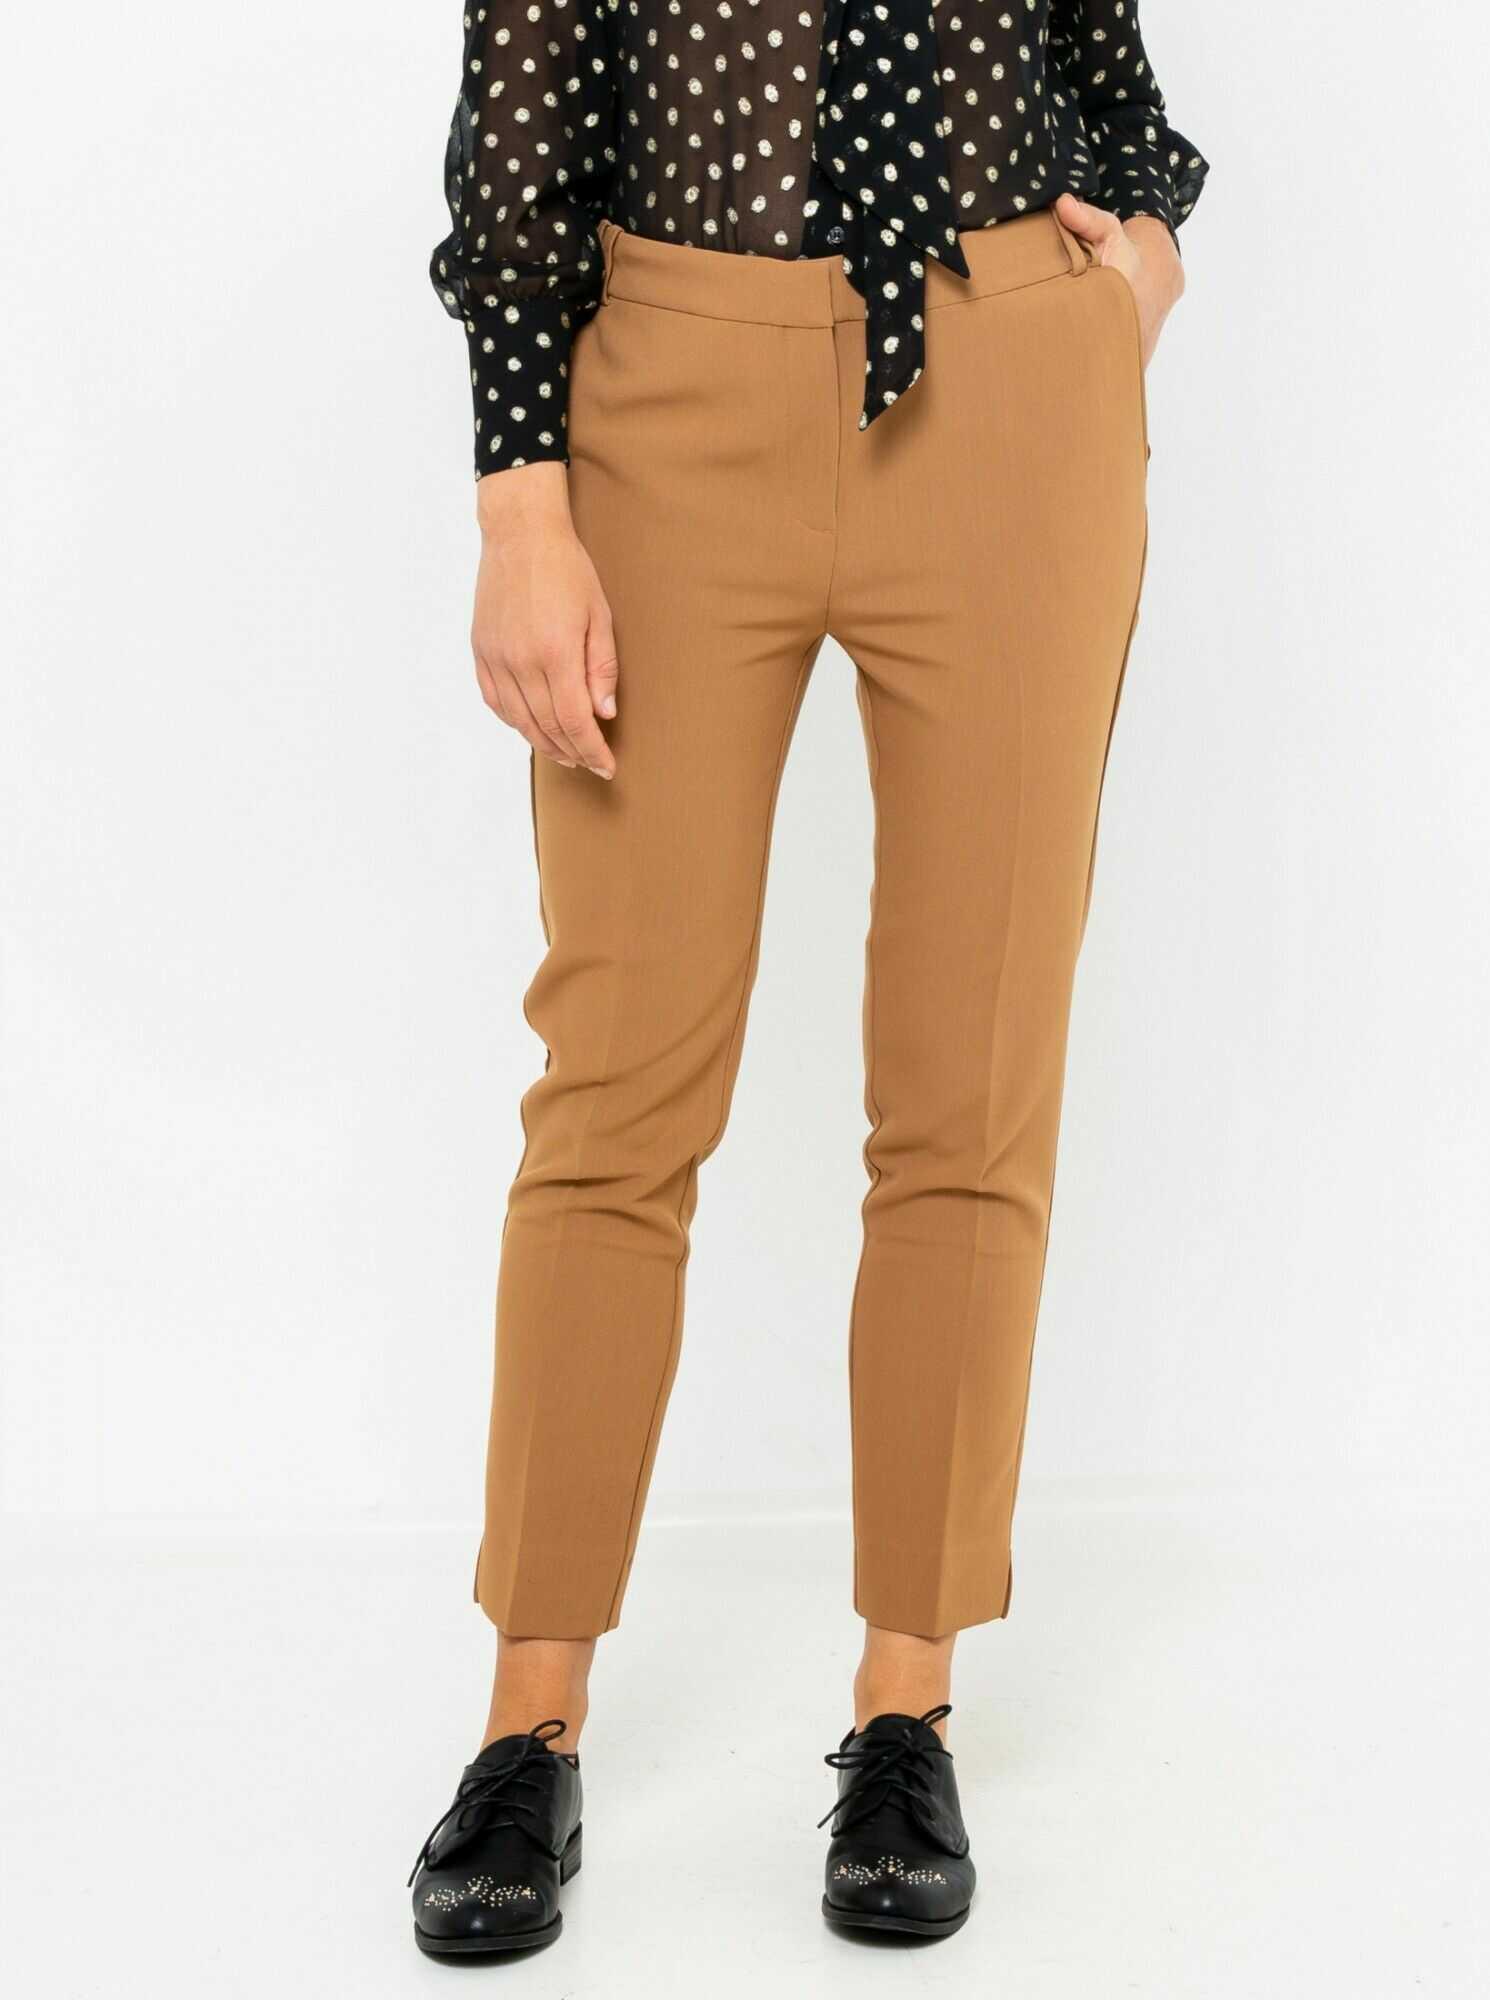 CAMAIEU brązowy skrócone chino spodnie